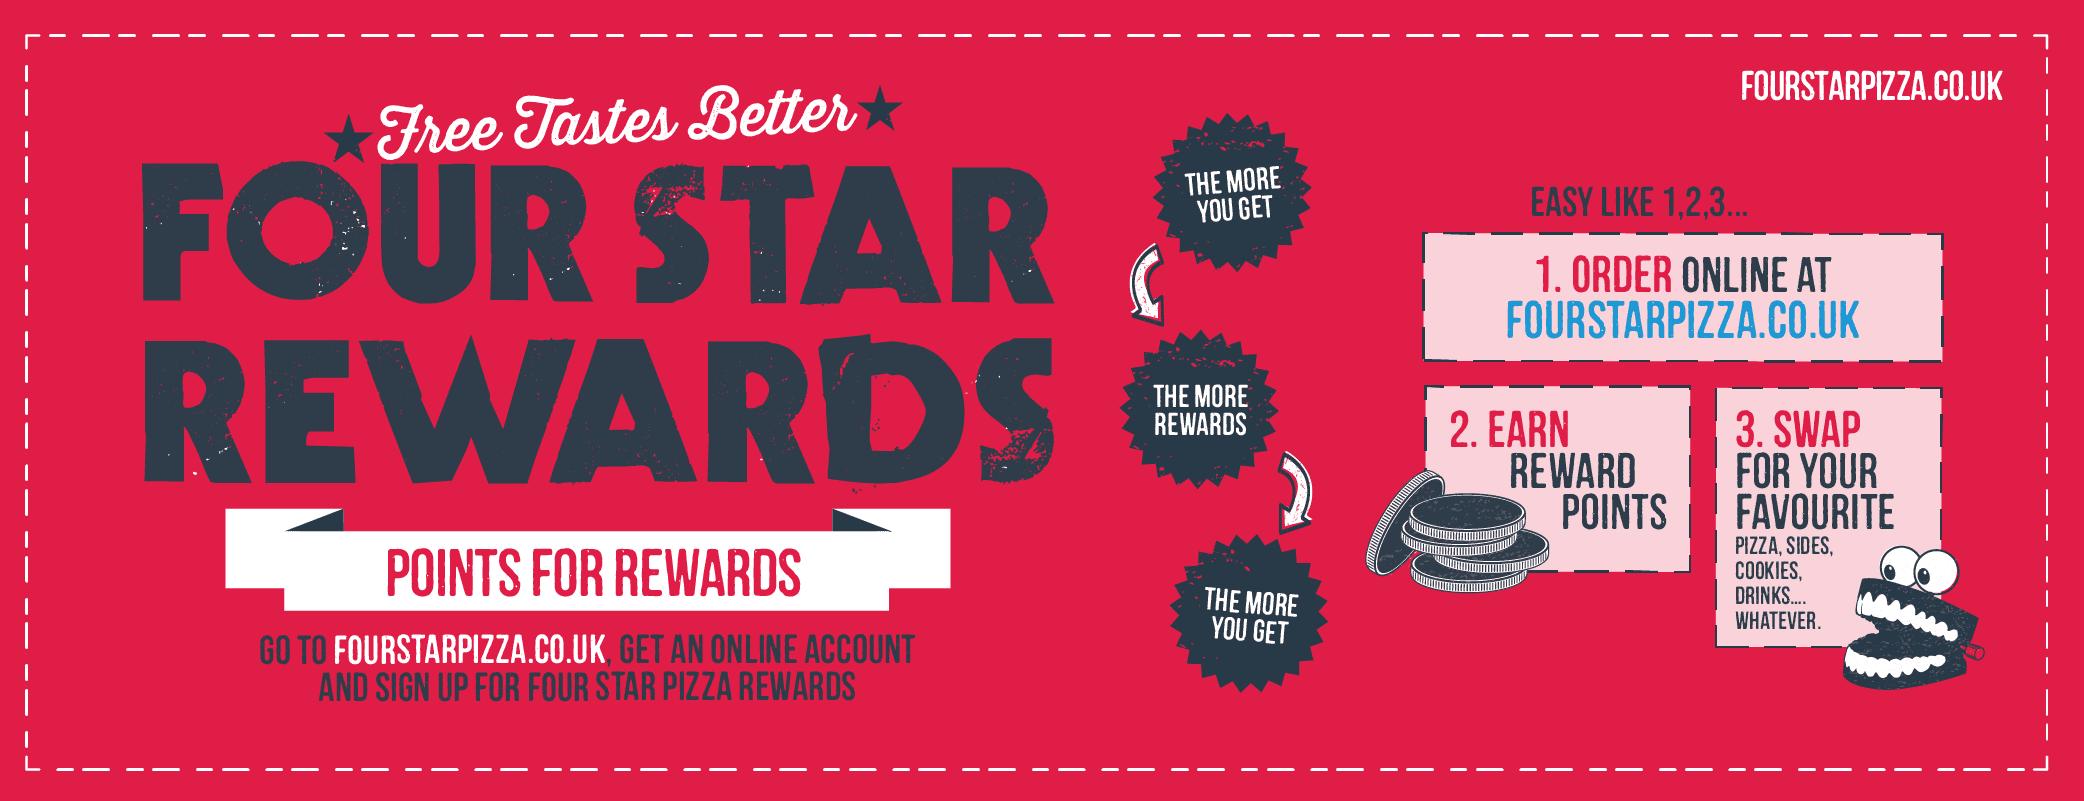 Four Star Rewards Four Star Pizza